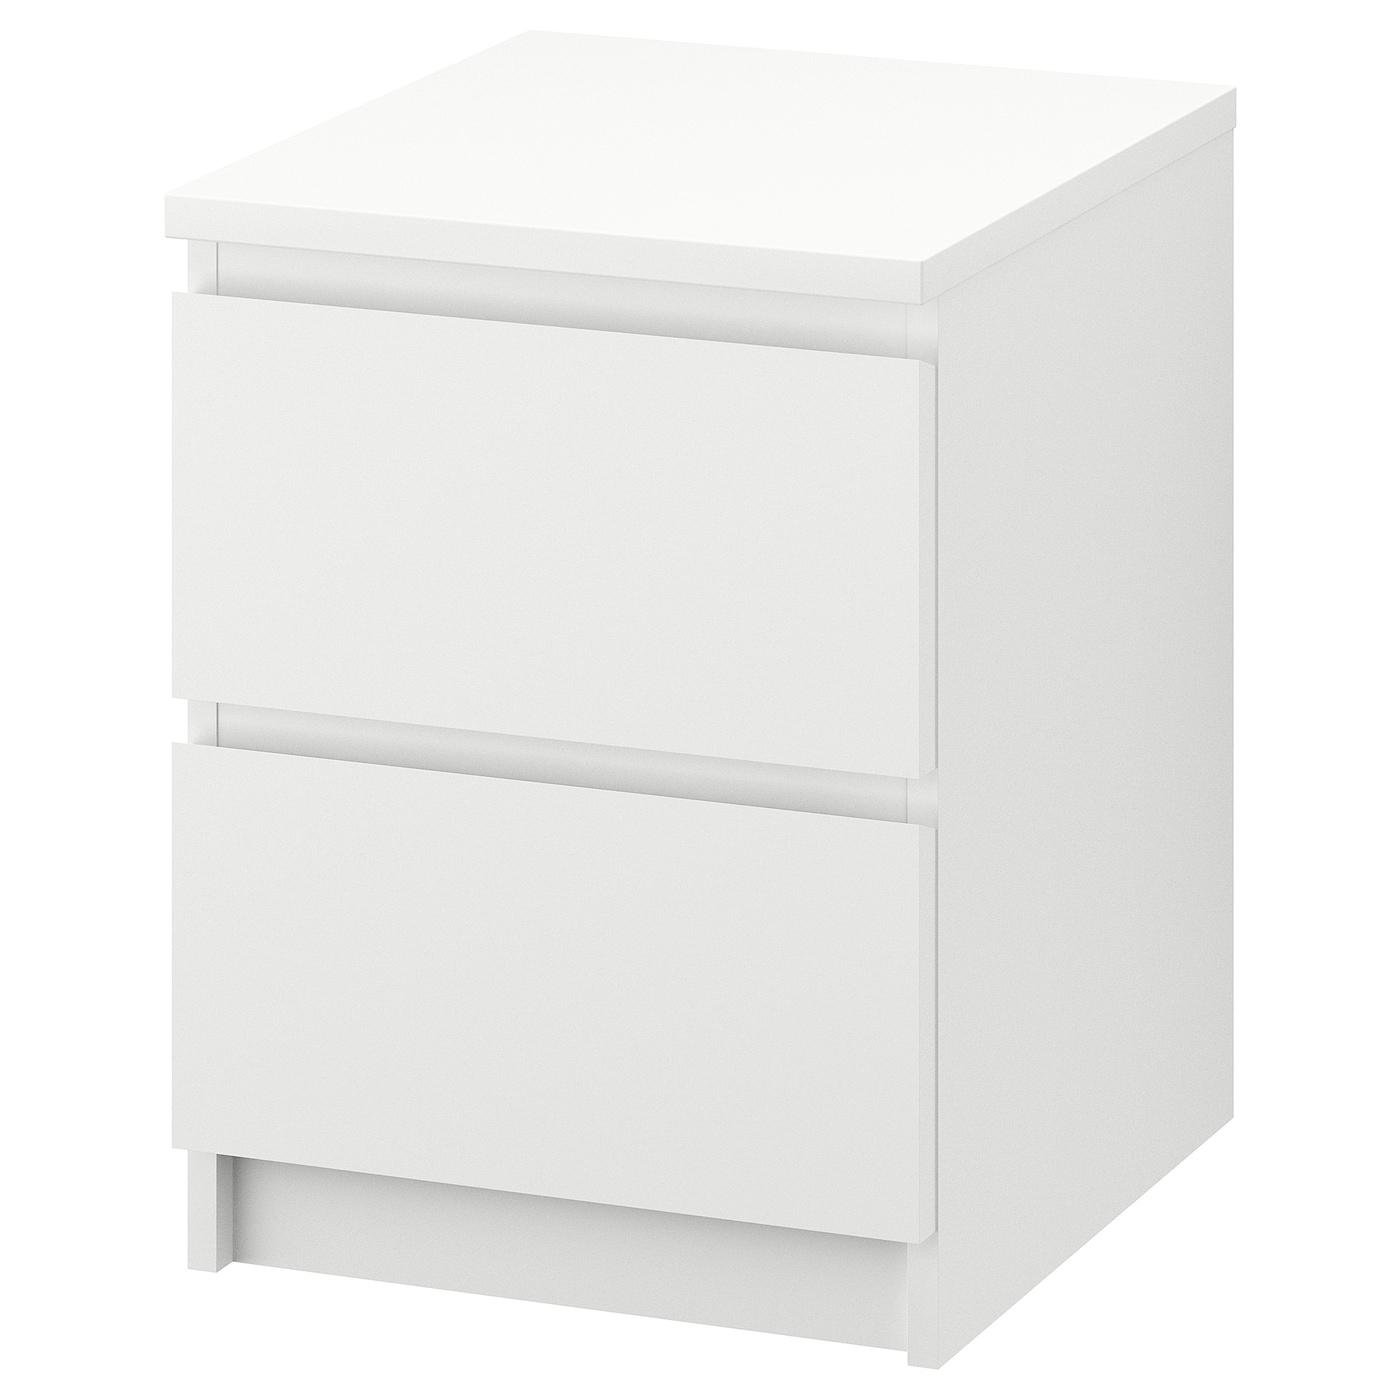 Malm Cassettiera 2 Cassetti Ikea.Malm Cassettiera Con 2 Cassetti Bianco 40x55 Cm Ikea